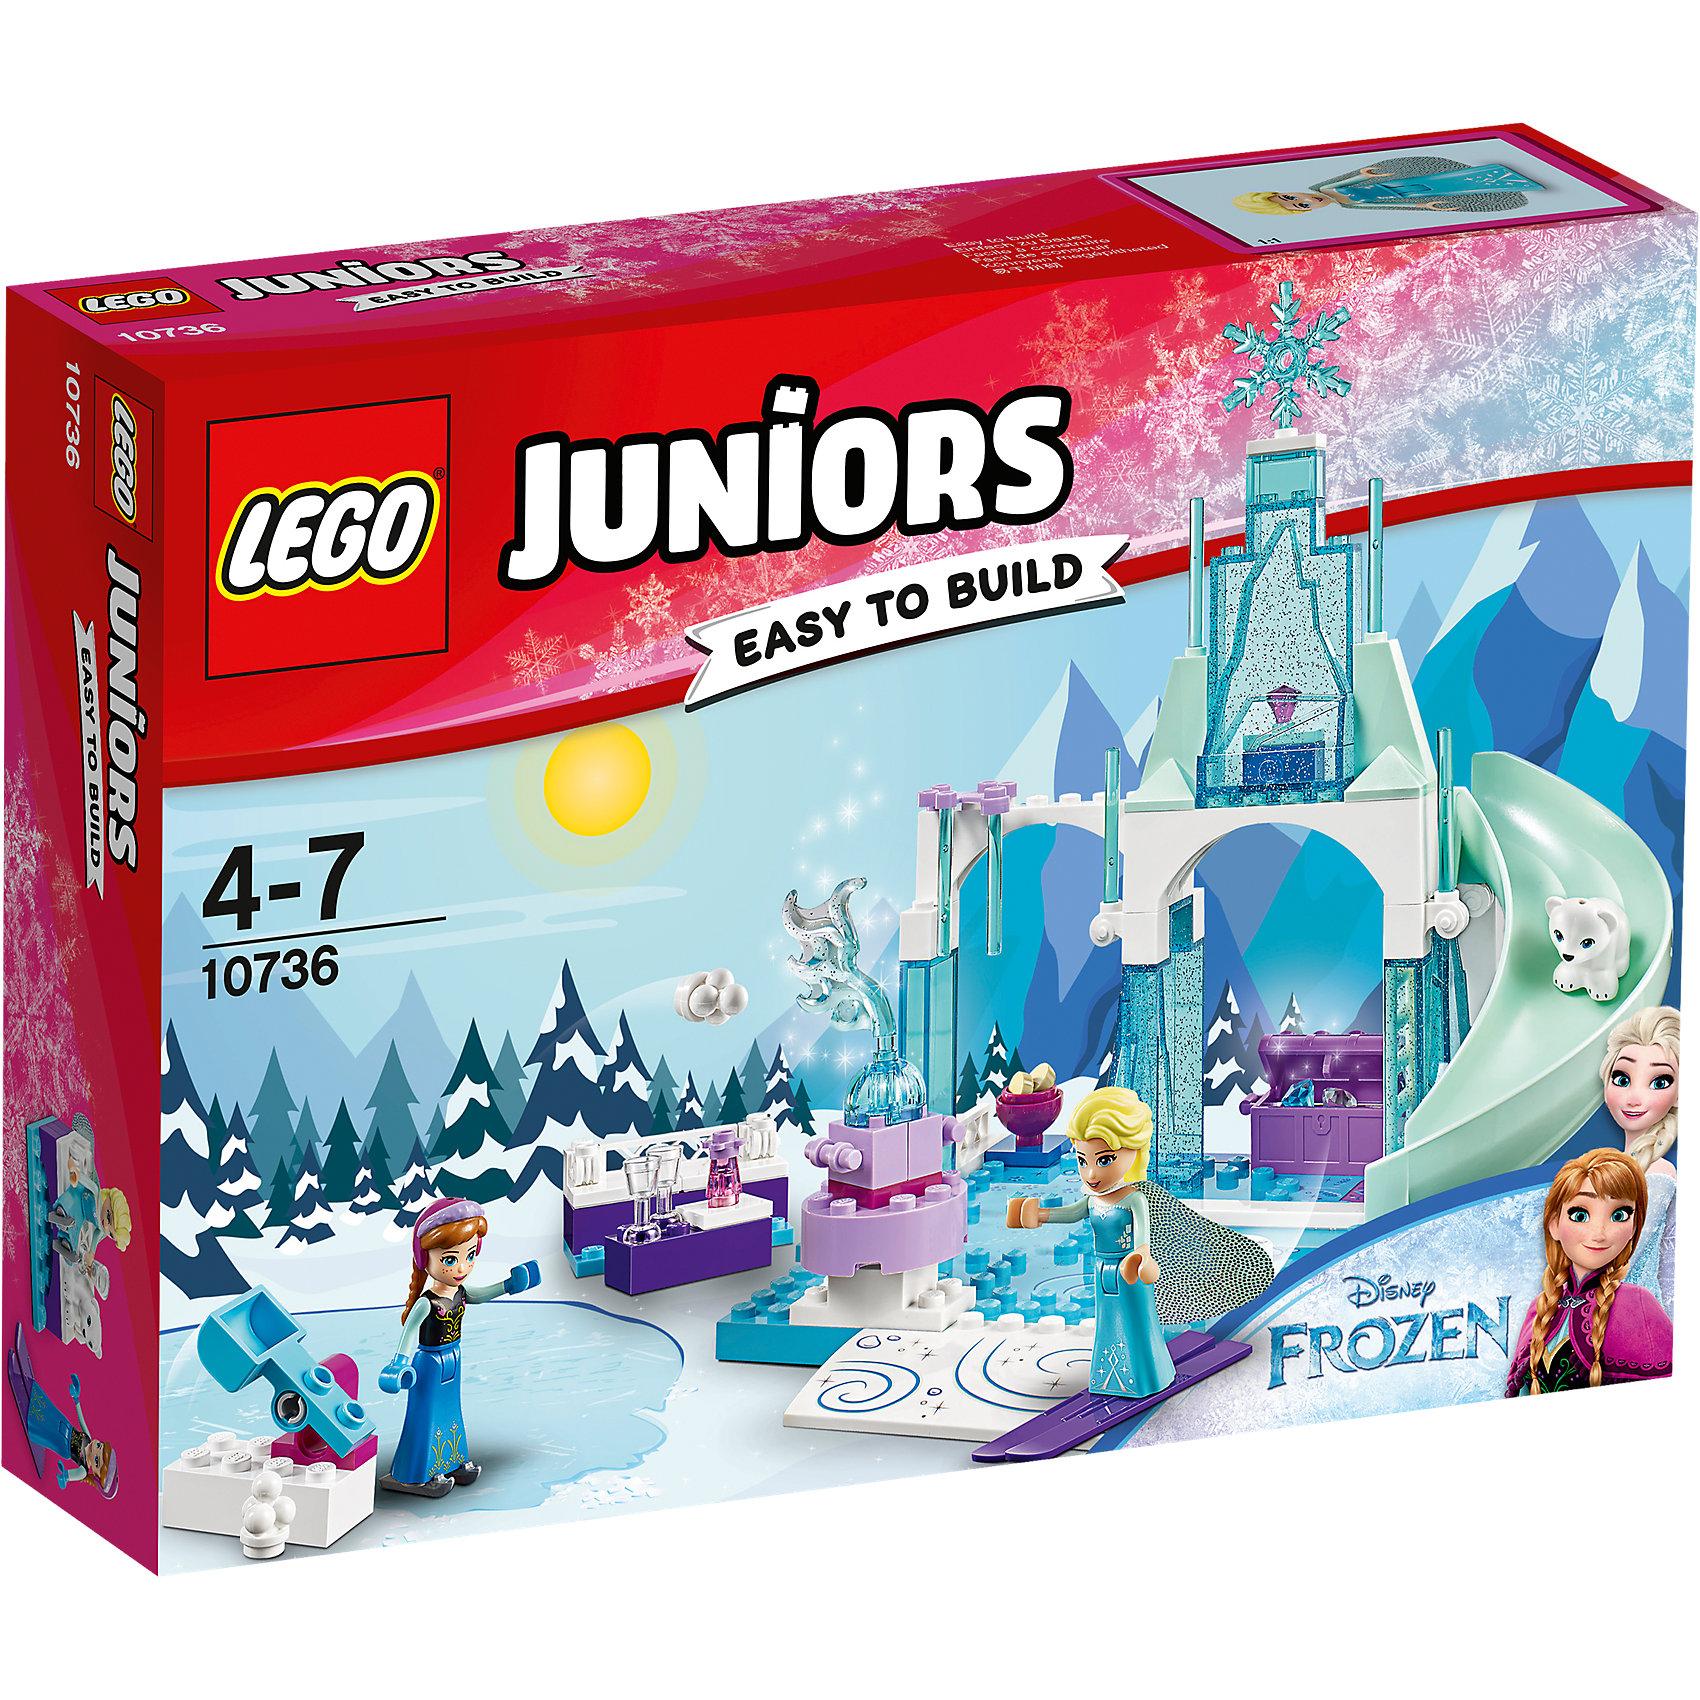 LEGO Juniors 10736: Игровая площадка Эльзы и АнныПластмассовые конструкторы<br>LEGO Juniors 10736: Игровая площадка Эльзы и Анны<br><br>Характеристики:<br><br>- в набор входит: детали ледяной площадки, 3 фигурки, аксессуары, красочная инструкция<br>- фигурки набора: Анна, Эльза и фигурка белого медвежонка<br>- состав: пластик<br>- количество деталей: 94 <br>- размер упаковки: 26 * 5 * 19 см.<br>- размер ледяной площадки: 20 * 15 * 18 см.<br>- для детей в возрасте: от 4 до 7 лет<br>- Страна производитель: Дания/Китай/Чехия<br><br>Легендарный конструктор LEGO (ЛЕГО) представляет серию «Juniors» (Джуниорс) для новичков в строительстве из конструктора ЛЕГО. Набор «Игровая площадка Эльзы и Анны» включает в себя большую двухуровневую ледяную площадку для игр, украшенную ледяными сосульками, прозрачными деталями с блестками внутри, снежинками, замерзшим фонтаном и наполненную аксессуарами. Большая горка подарит много веселья двум сестрам в морозный день, они могут забираться на нее по лестнице и скатываться вместе с медвежонком. Красивый лиловый сундучок хранит в себе два драгоценных камня. Специальная катапульта для снежков сделает игры девочек со снежками еще интереснее. Эльза взяла с собой свои фиолетовые лыжи, а Анна захватила с собой коньки, сестры очень любят кататься и отлично проводить время вместе! После насыщенных игр Анна и Эльза могут присесть на снежную скамейку с горячими напитками и отдохнуть, в набор входят два кристальных кубка для каждой из девочек и печенье для медвежонка. Благодаря крупным деталям площадку легко строить, а наличие разных тематических аксессуаров позволит игре быть еще более реалистичной. Играя с конструктором ребенок развивает моторику рук, воображение и логическое мышление. Придумывайте новые игры с набором LEGO «Juniors»!<br><br>Конструктор LEGO Juniors 10736: Игровая площадка Эльзы и Анны можно купить в нашем интернет-магазине.<br><br>Ширина мм: 263<br>Глубина мм: 190<br>Высота мм: 60<br>Вес г: 322<br>Возраст от месяцев: 48<br>Возрас